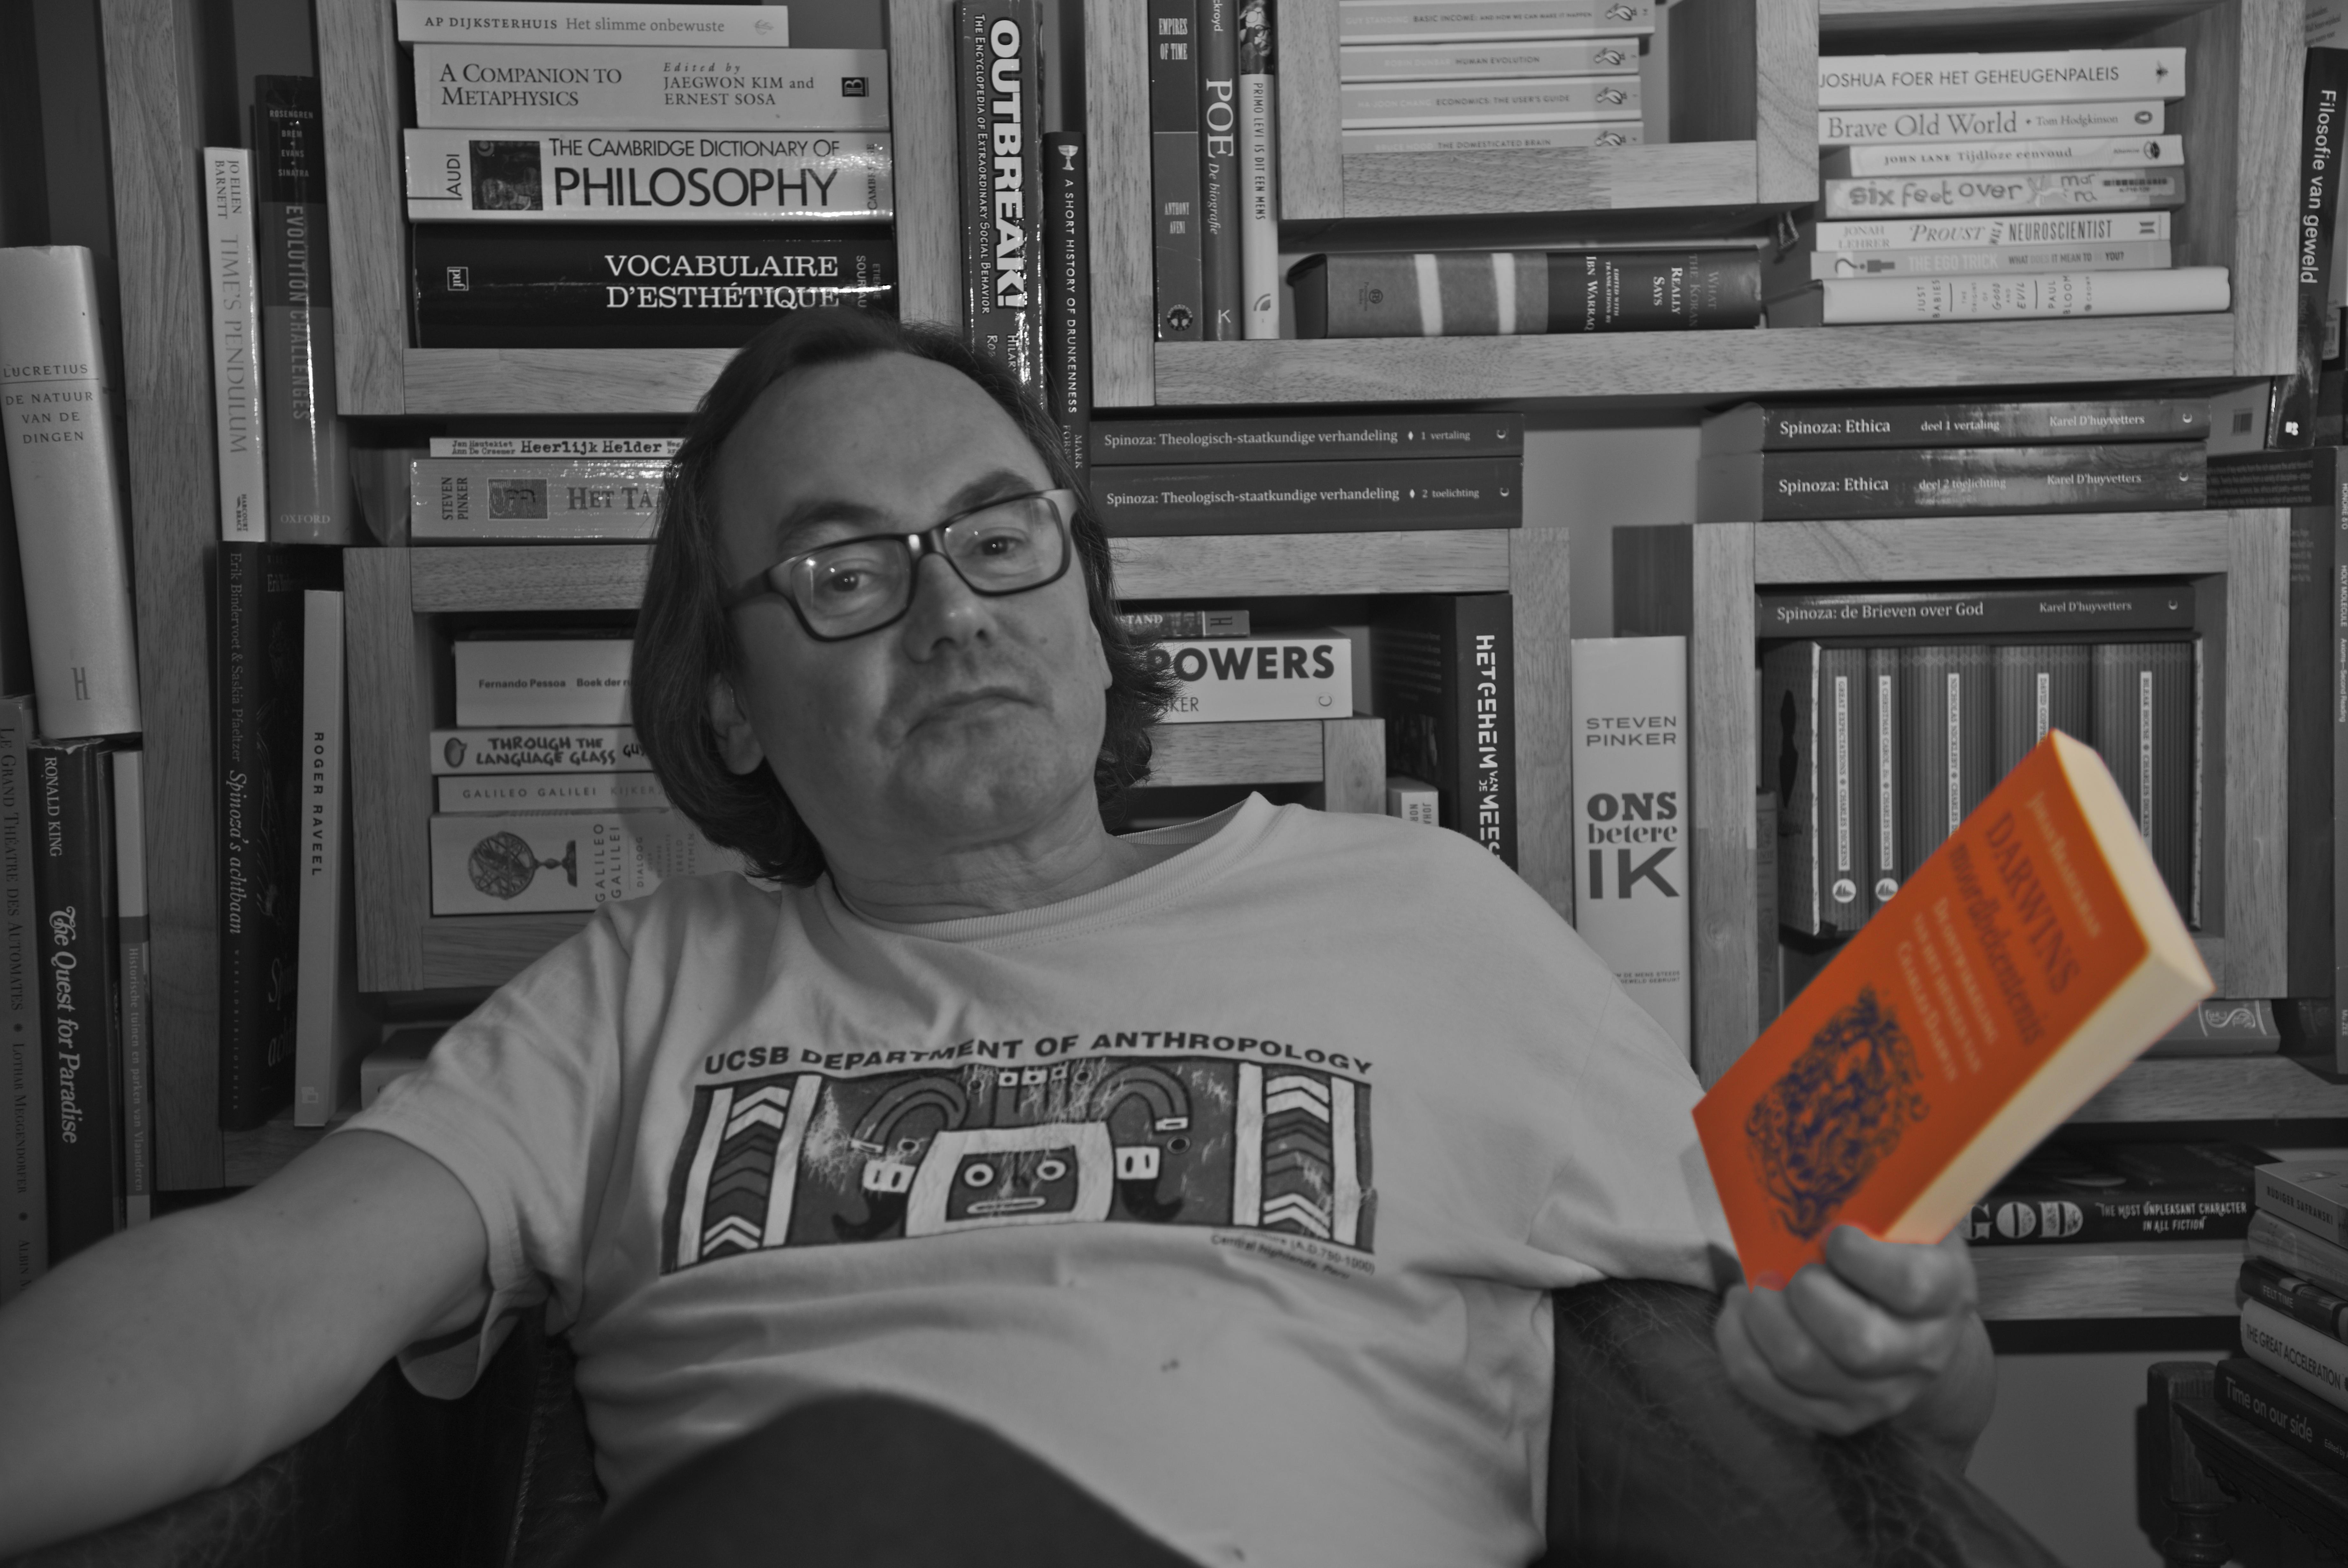 """Johan Braeckman bij zijn boek """"Darwins Moordbekentenis"""" (foto: Jozef Van Giel)"""